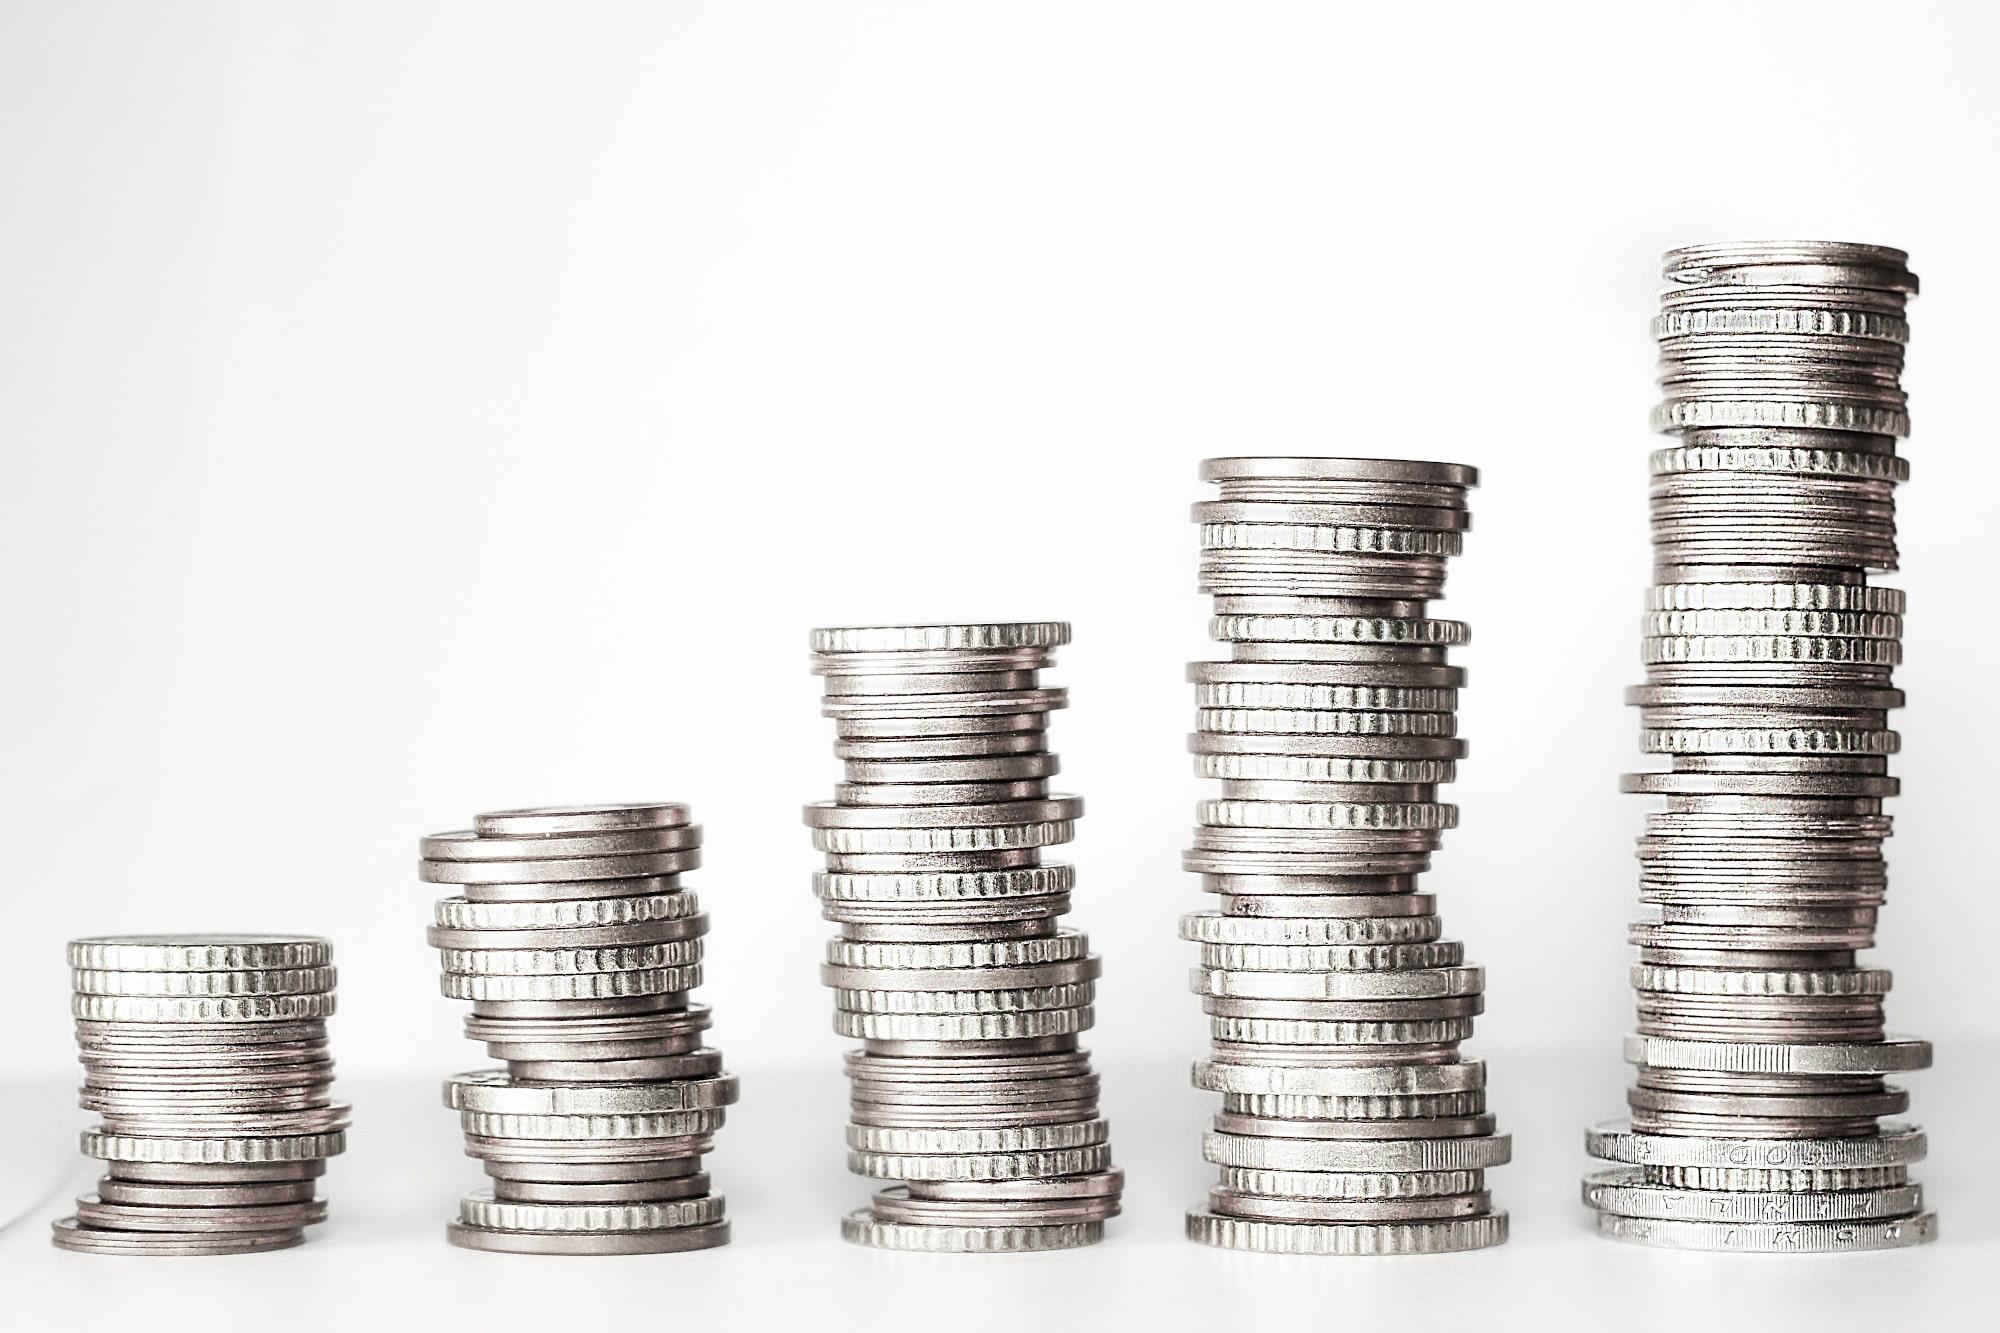 Guide til opsparing: Sådan slipper du for dyre lån